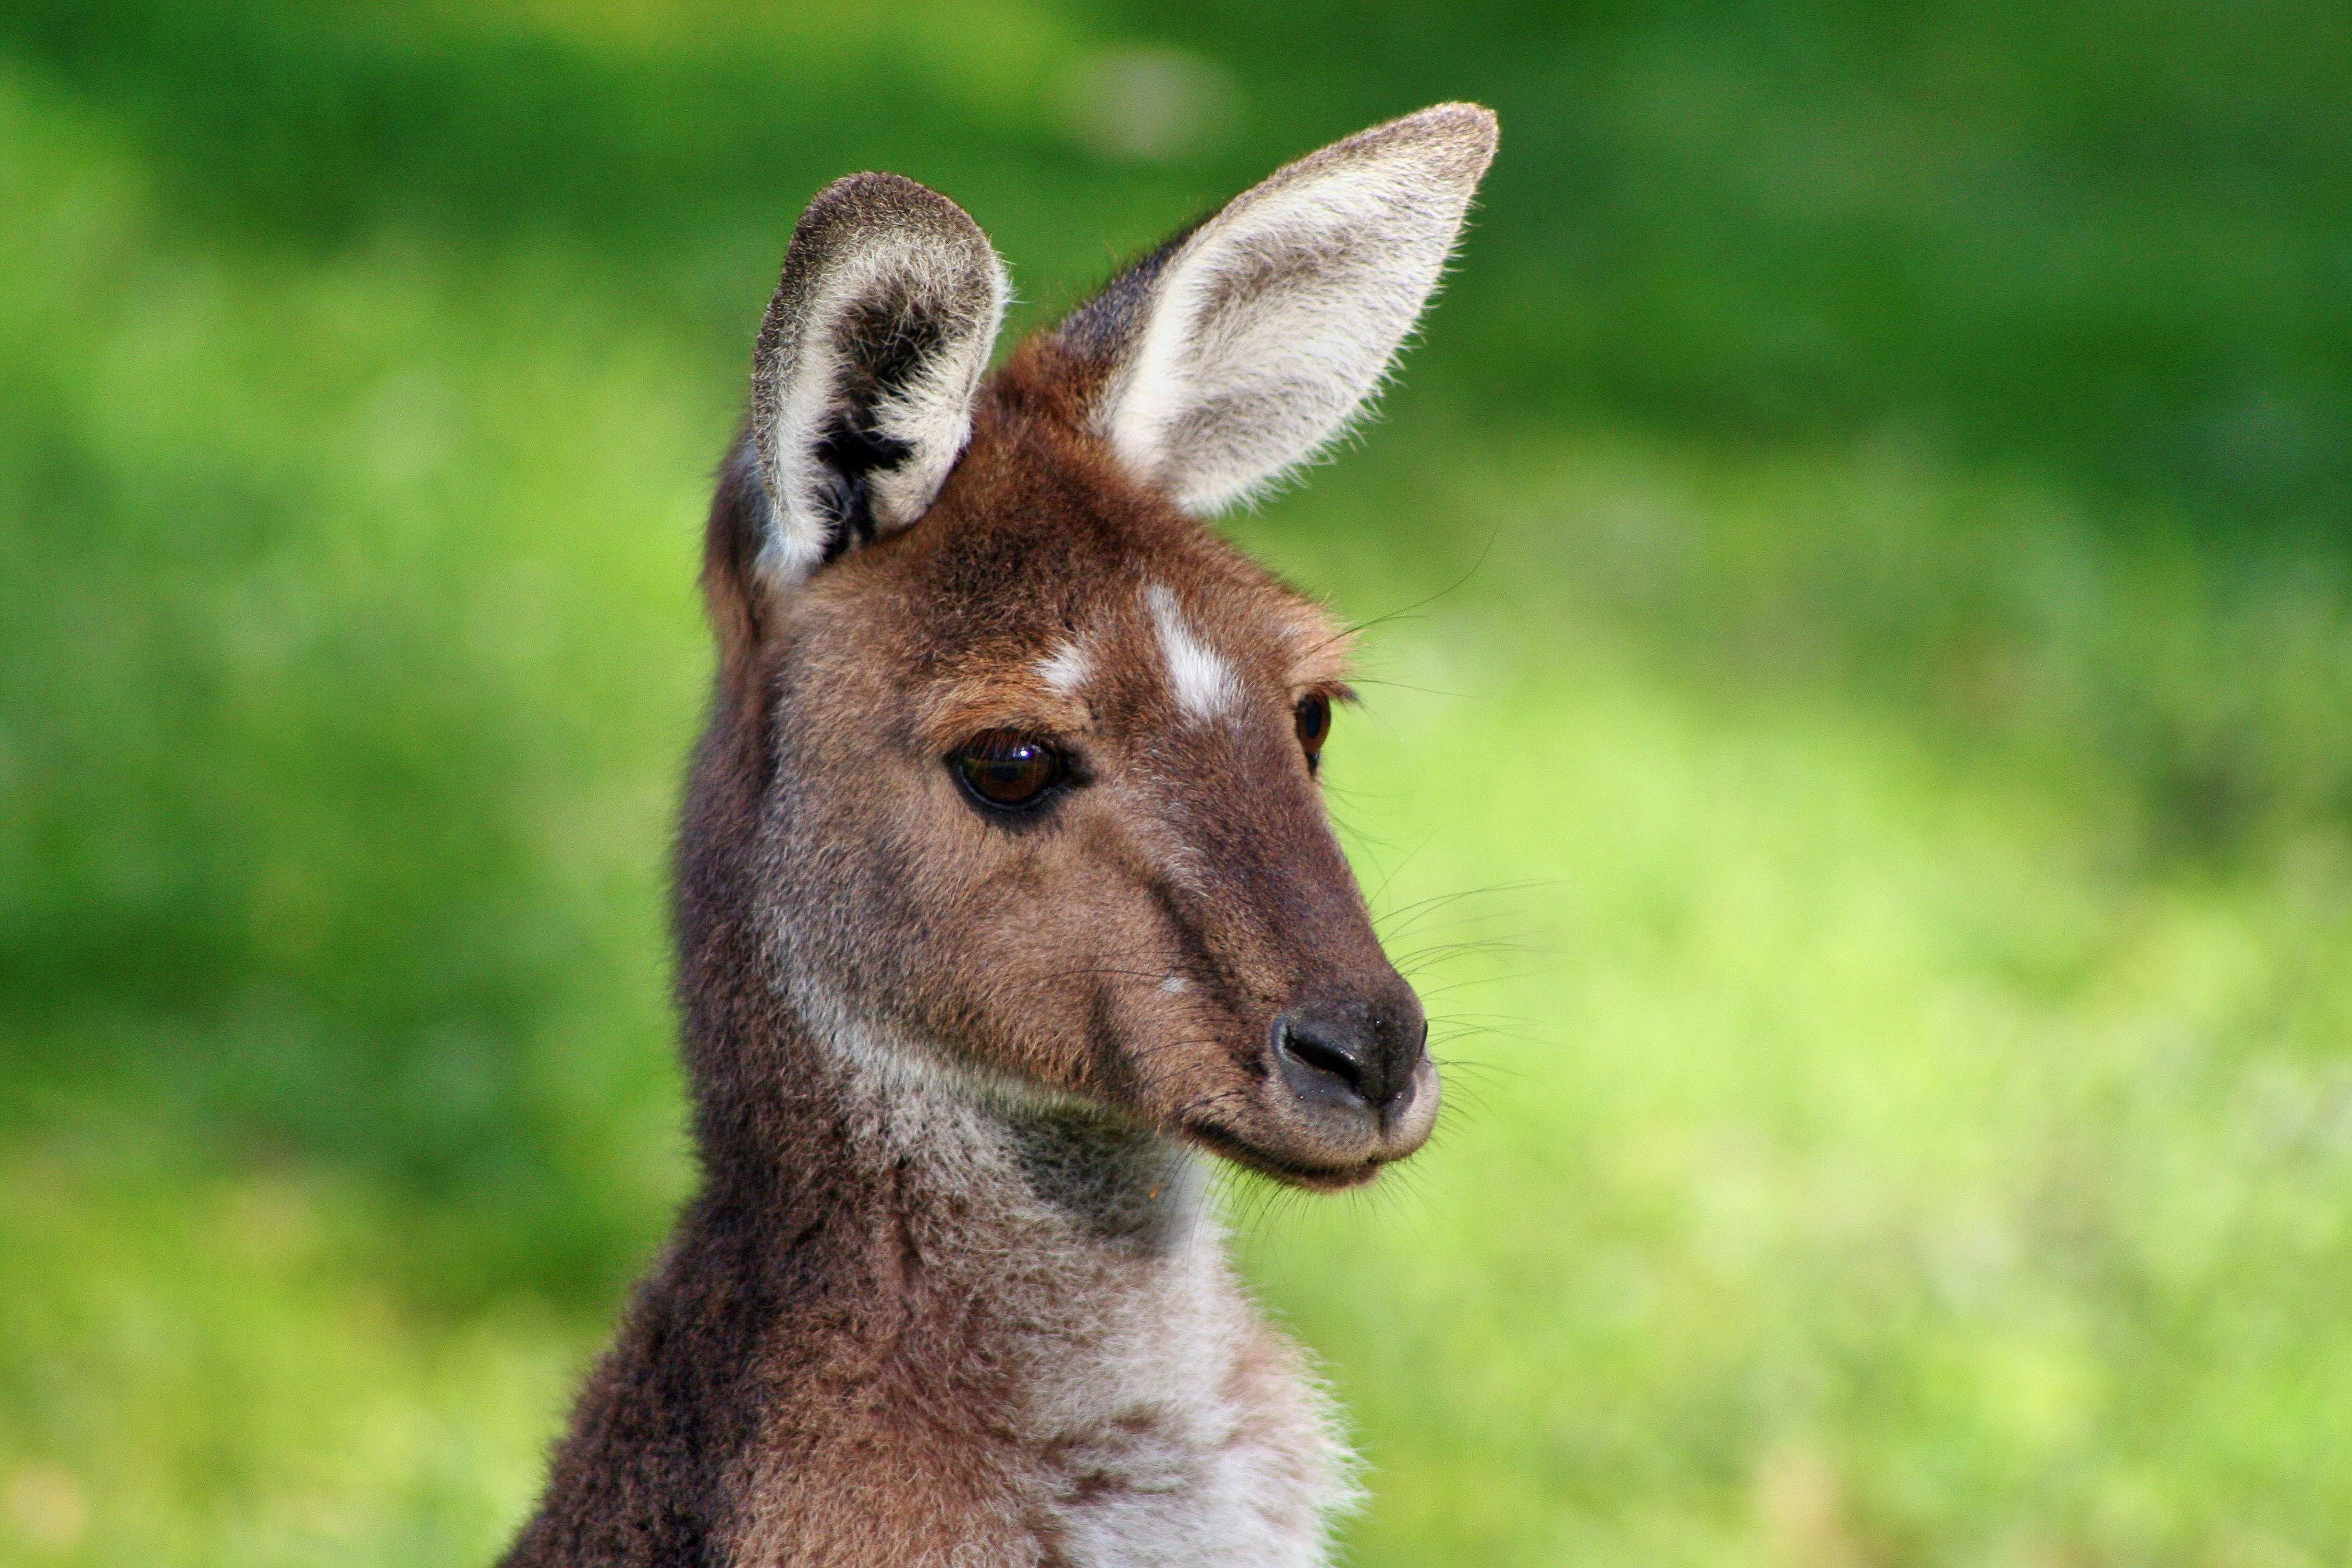 敏感地区人群如何申请澳大利亚签证